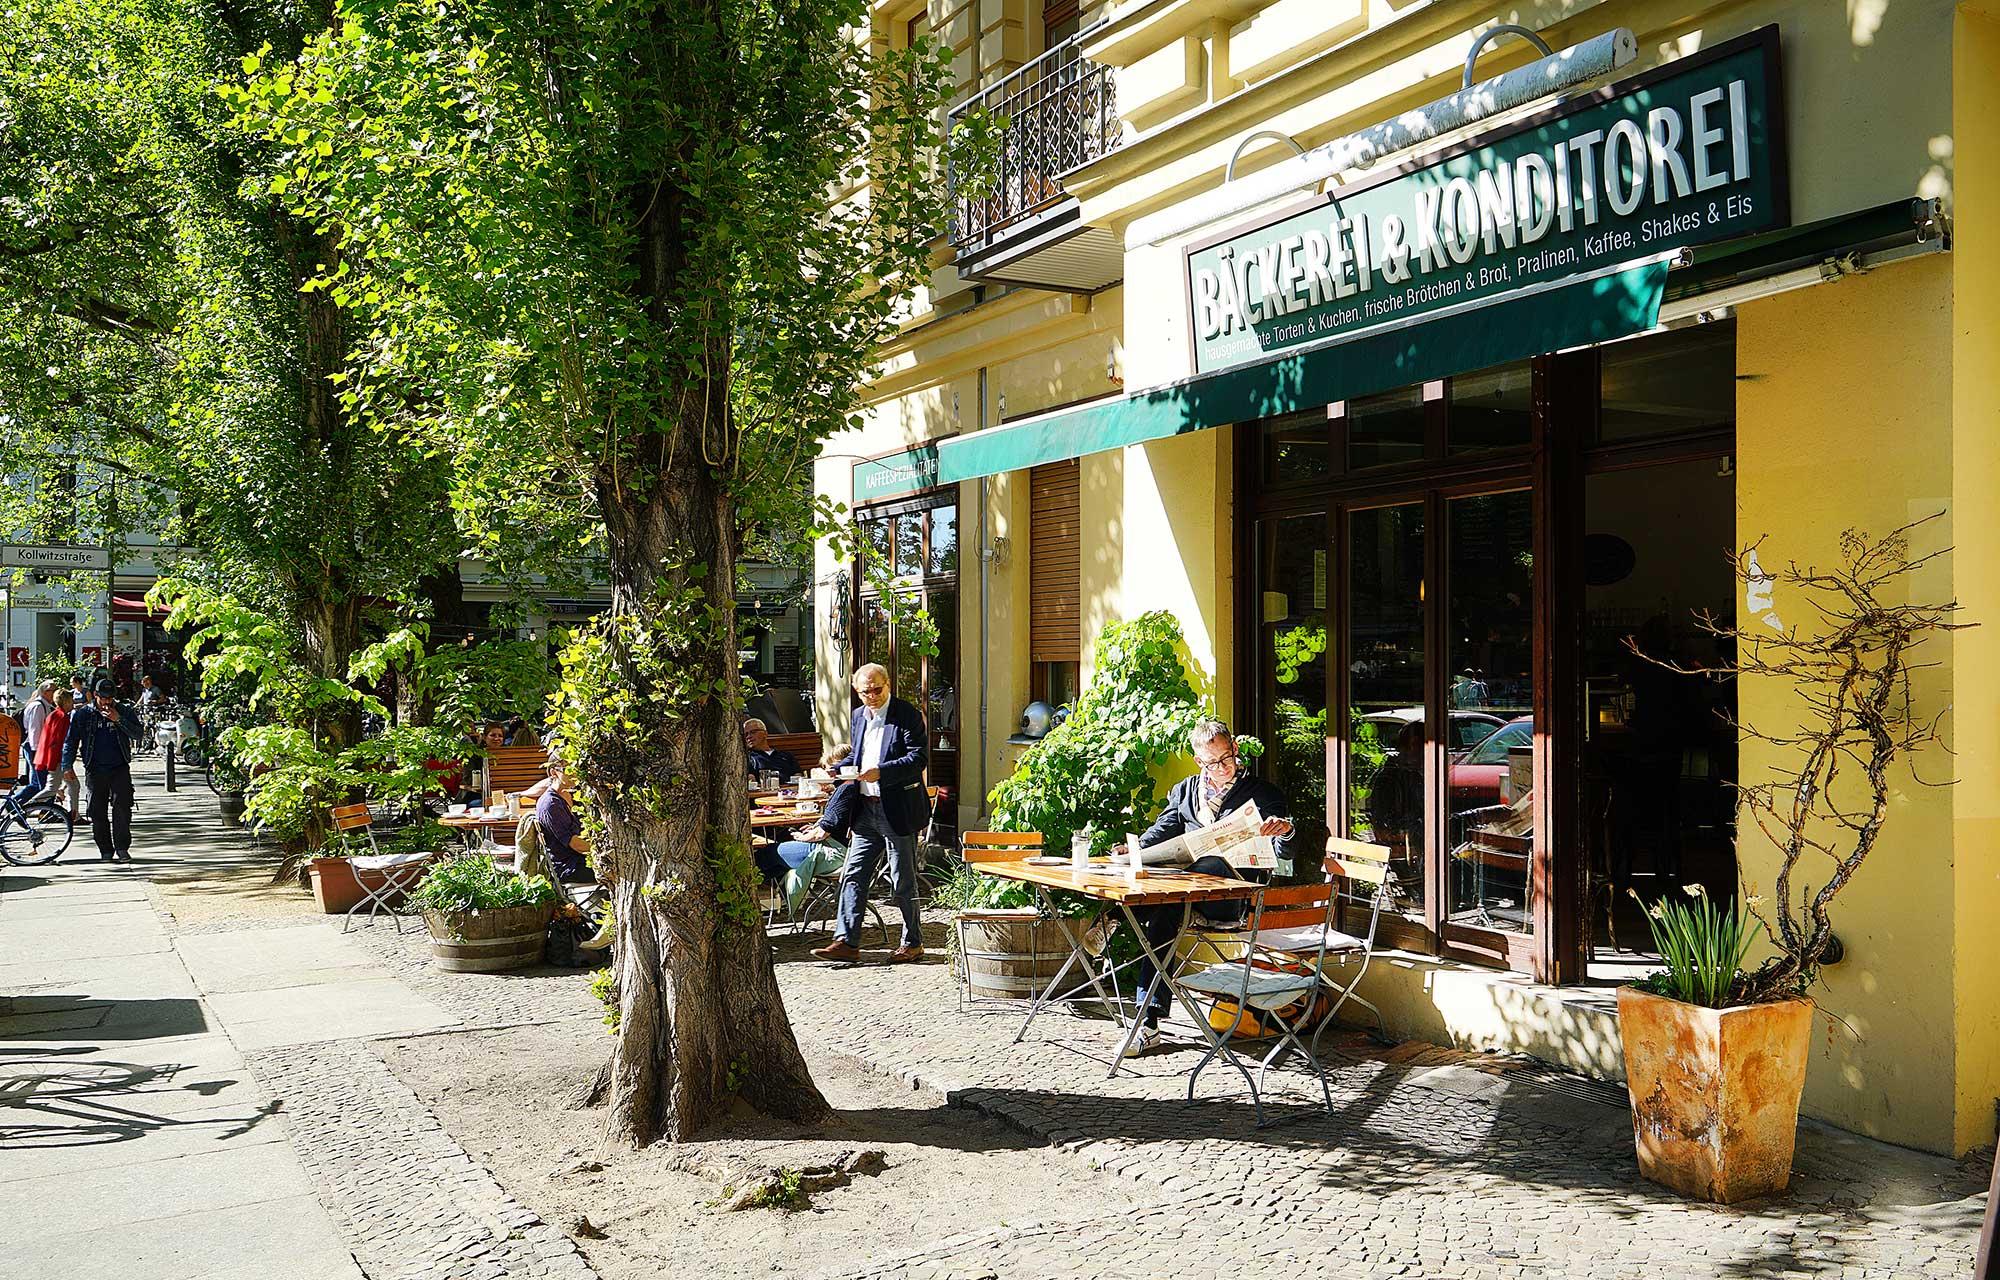 Einen Spaziergang durch einen der schönen Kieze in Berlin machen